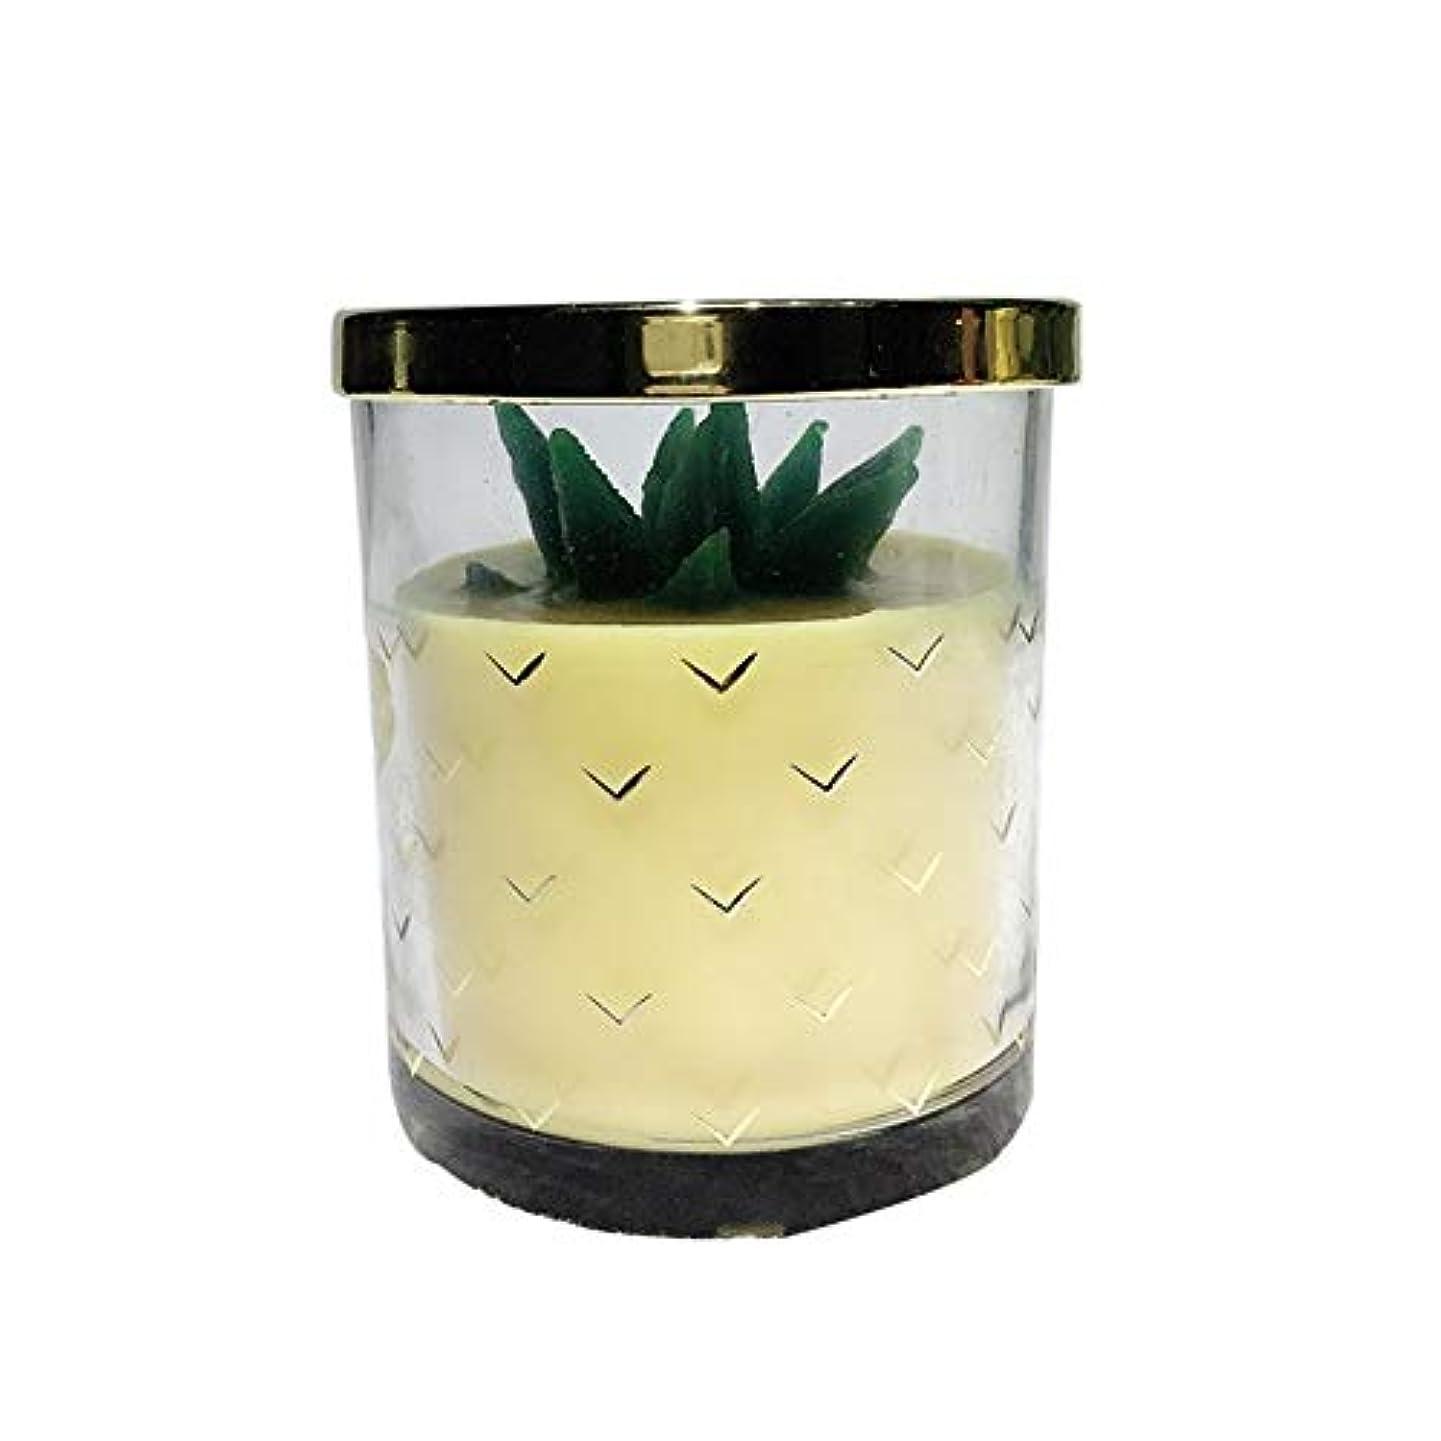 貫通するコンバーチブル徐々にGuomao 大豆ワックスフルーツキャンドルバレンタインデークリエイティブギフト (色 : Pineapple)